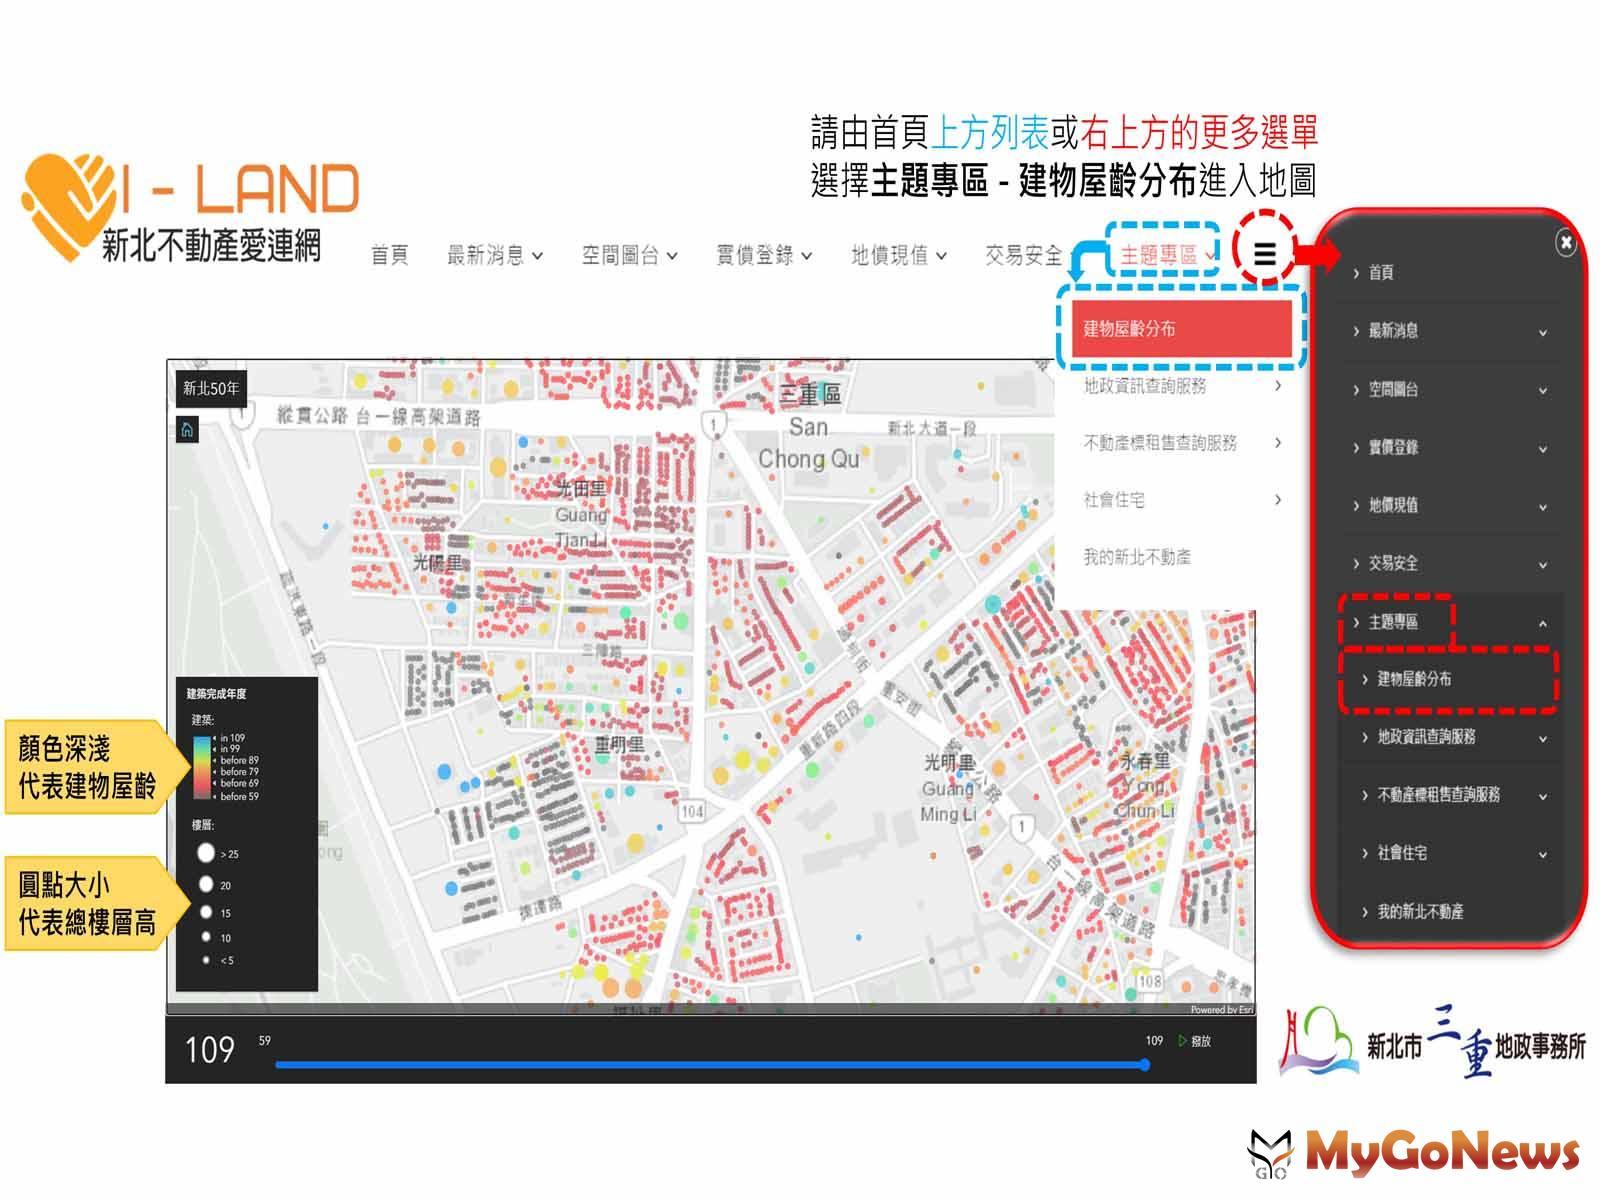 大數據資料加值應用,新北市建物屋齡分布一手掌握(圖/新北市政府) MyGoNews房地產新聞 區域情報